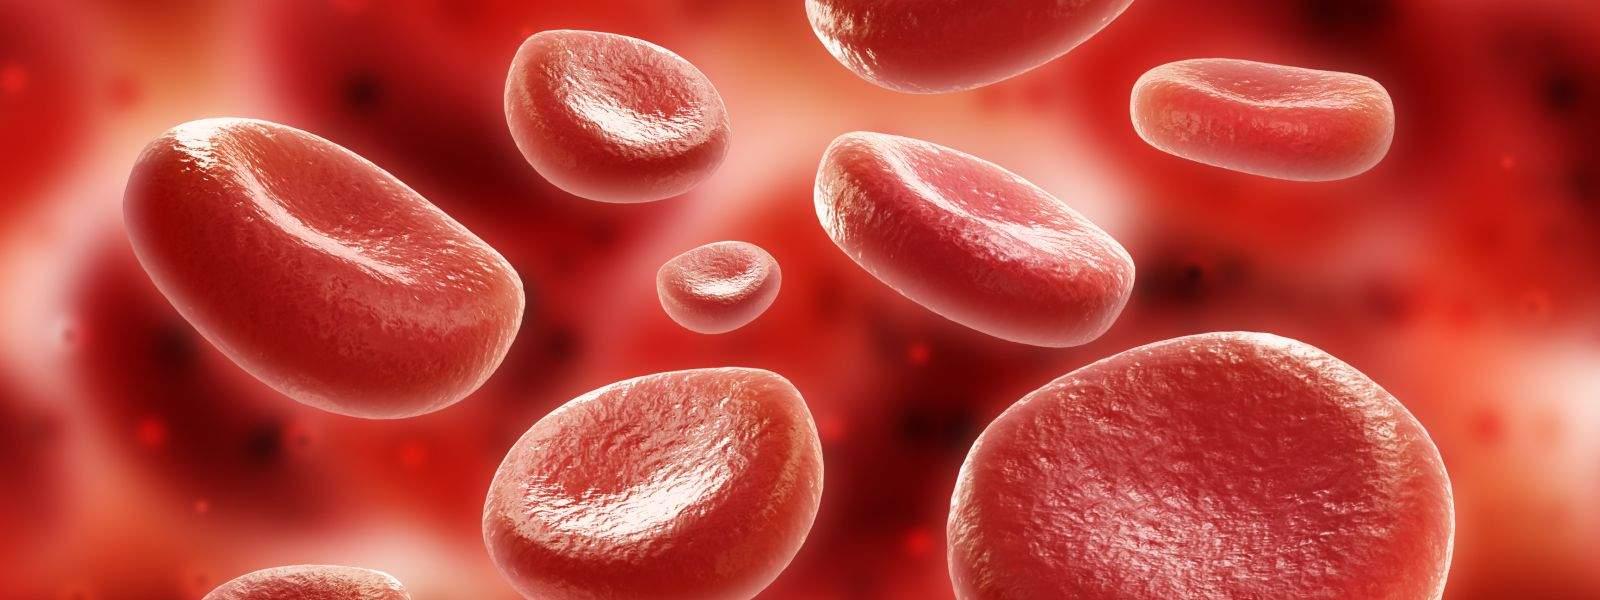 Hematologia Clínica e Banco De Sangue